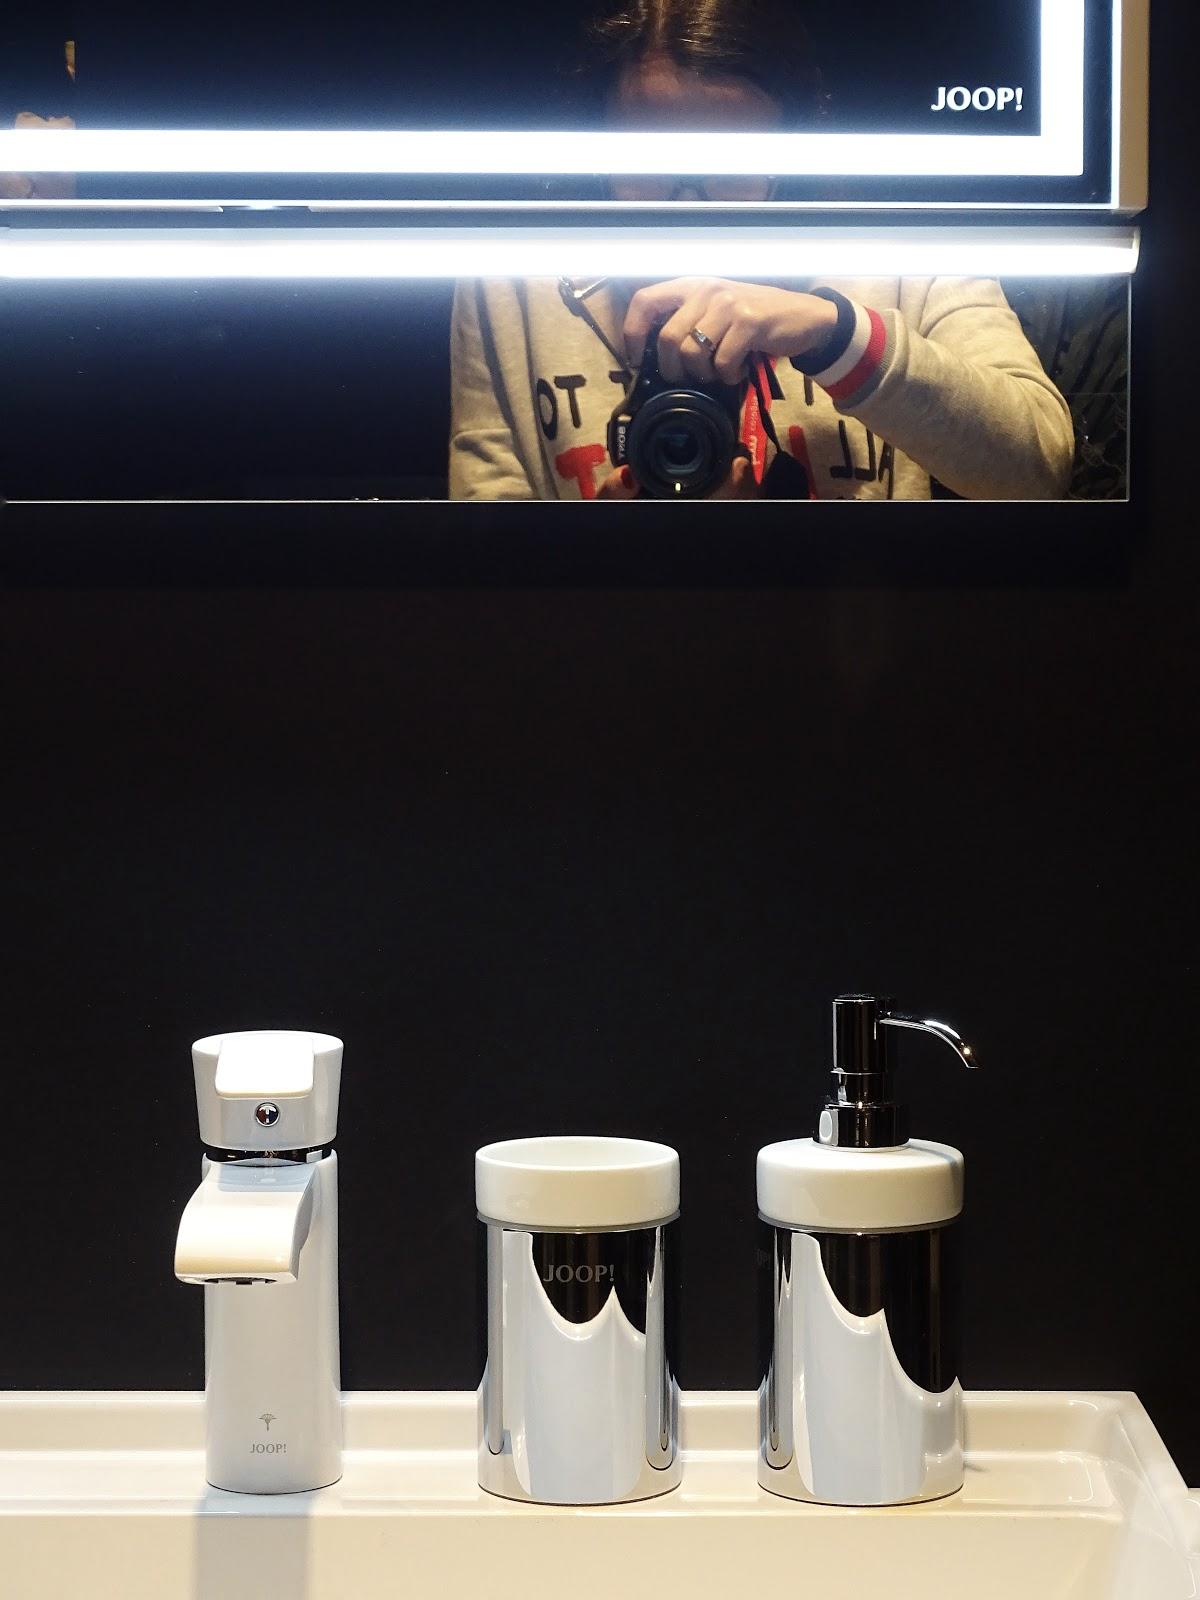 Impressionen und Trends von der Internationalen Möbelmesse 2018 in Köln - Messetour mit Blogst Lounge - Joop Living - http://mammilade.blogspot.de